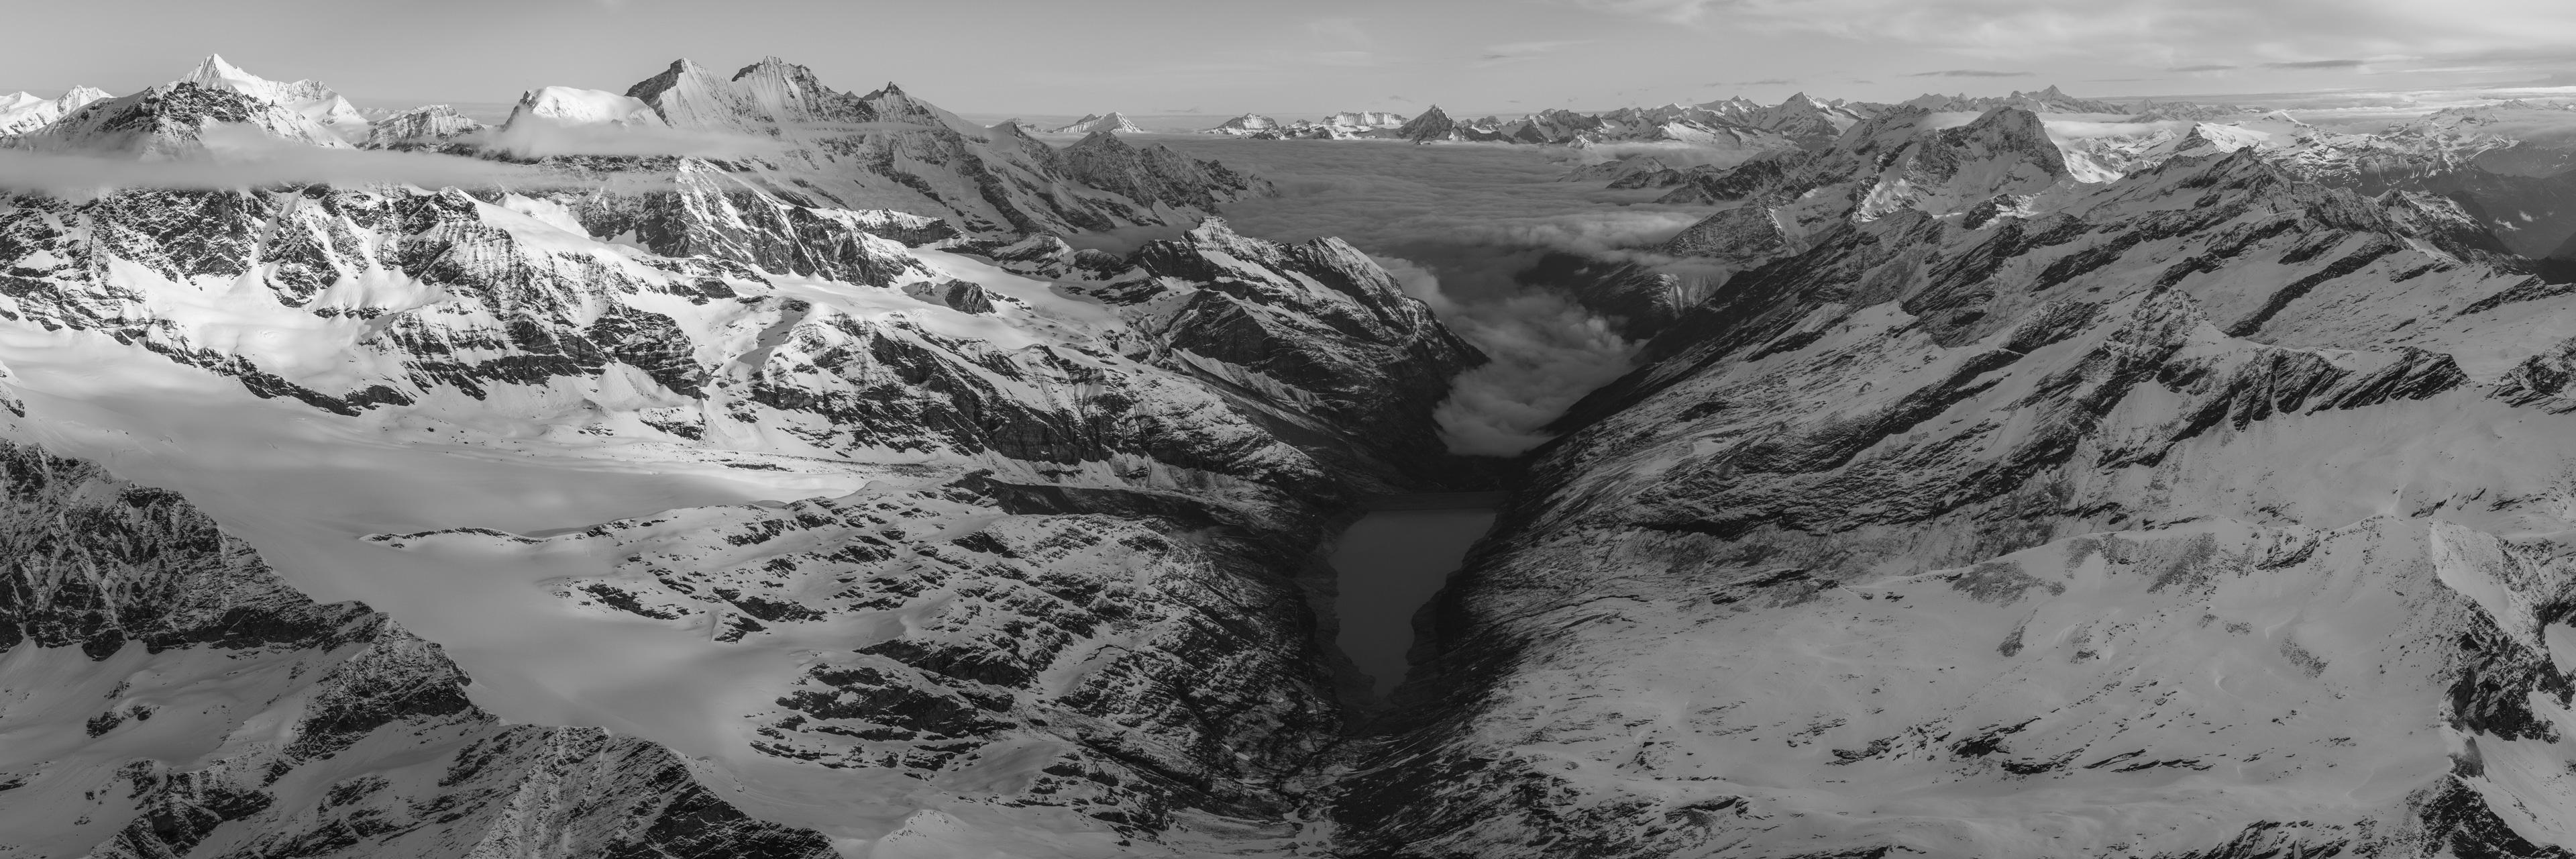 Panorama noir et blanc des Alpes du Nord et des montagnes suisses de saas fee